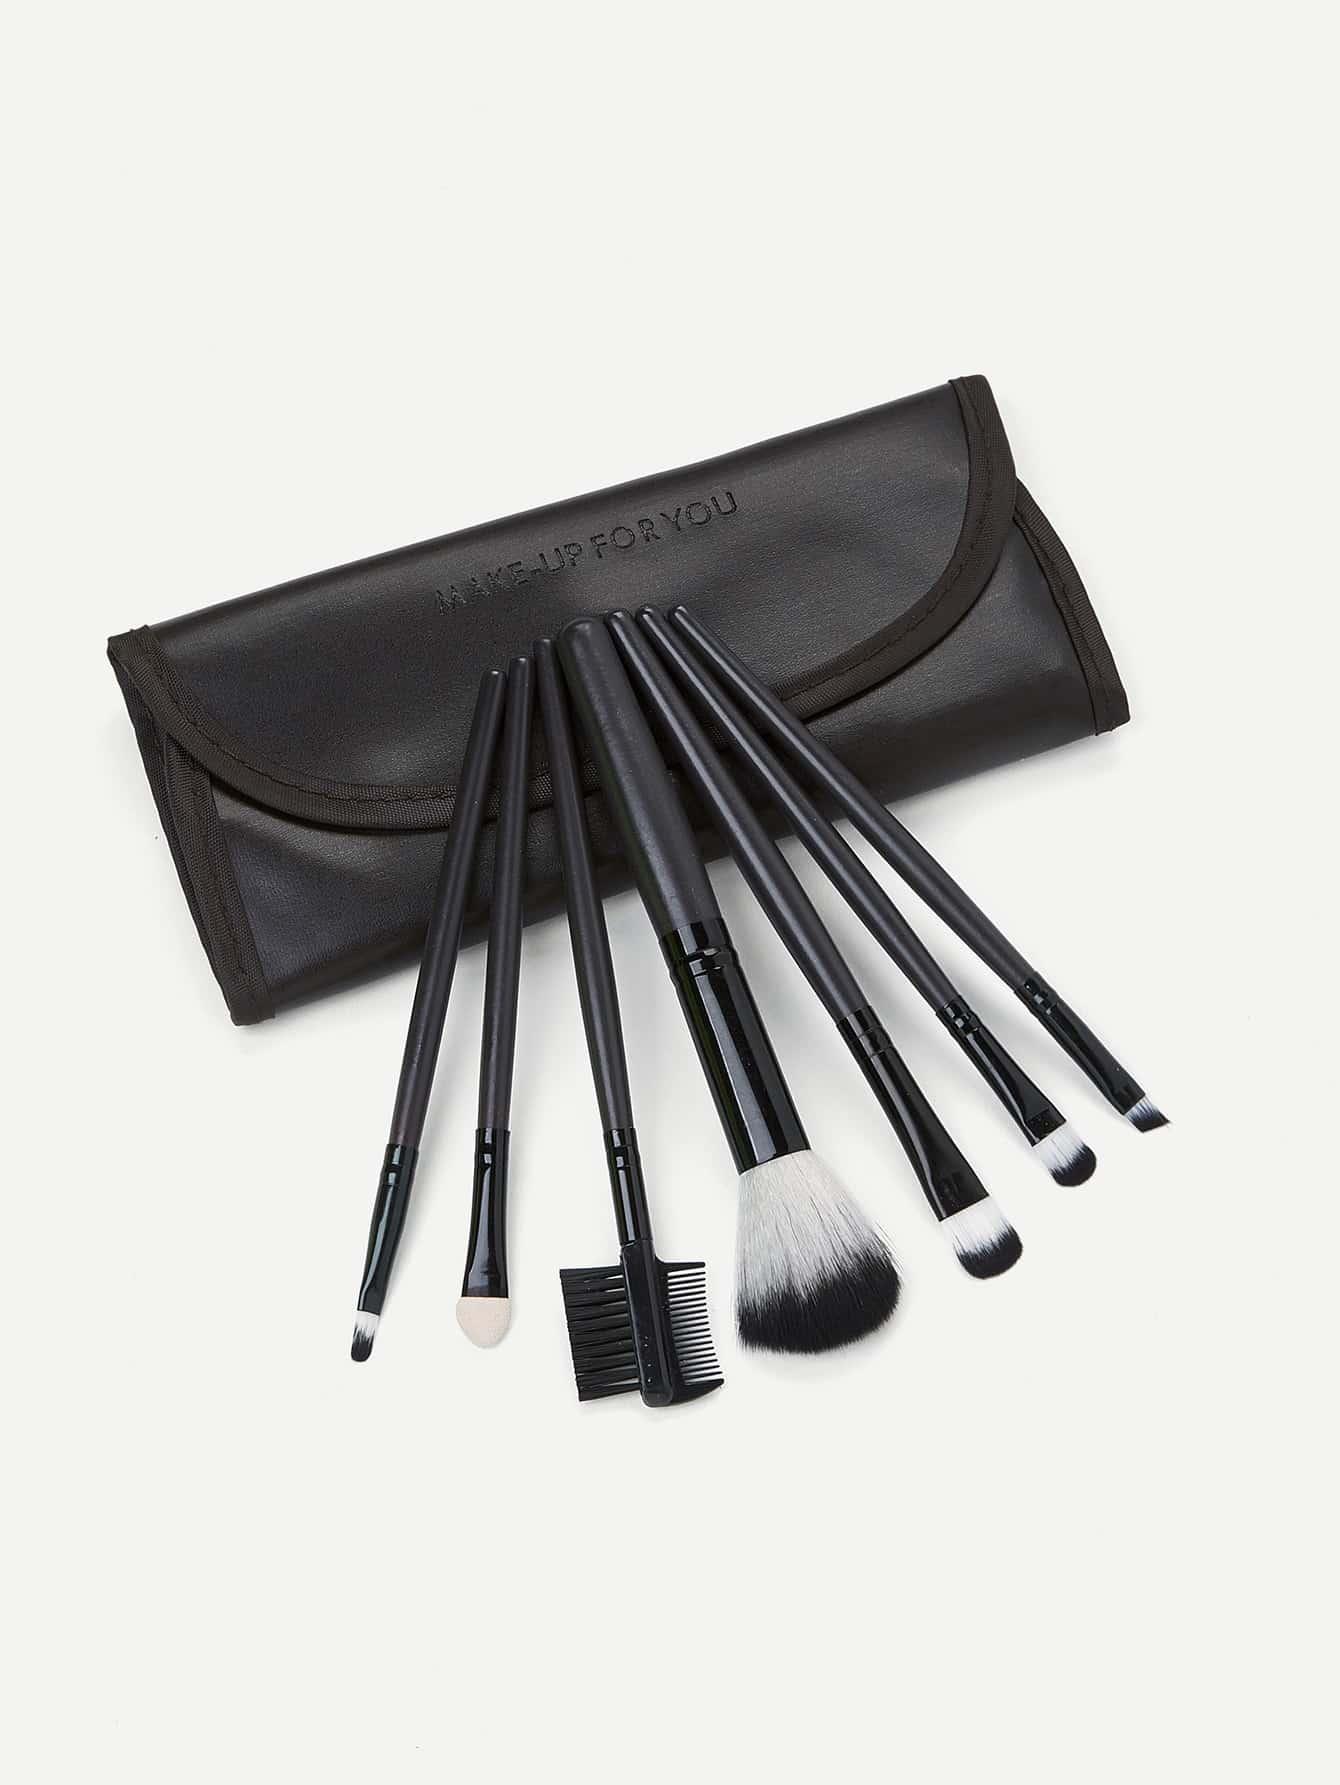 Makeup Brush Set 7pcs With Bag